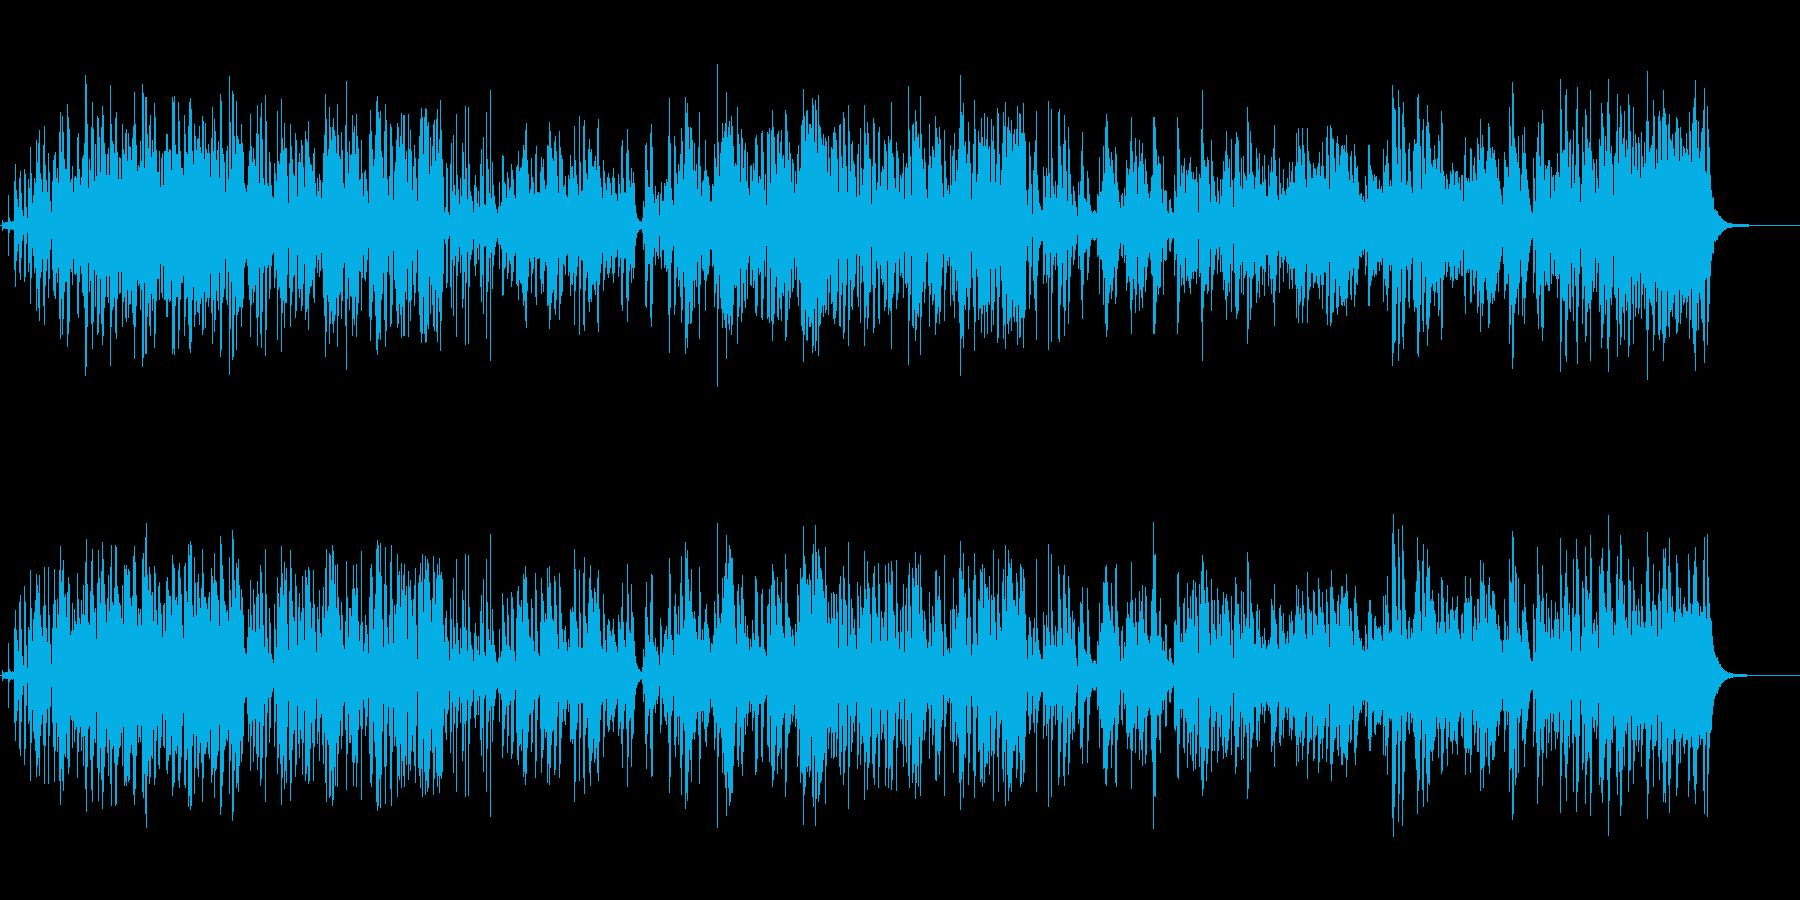 愉快なジャズの再生済みの波形